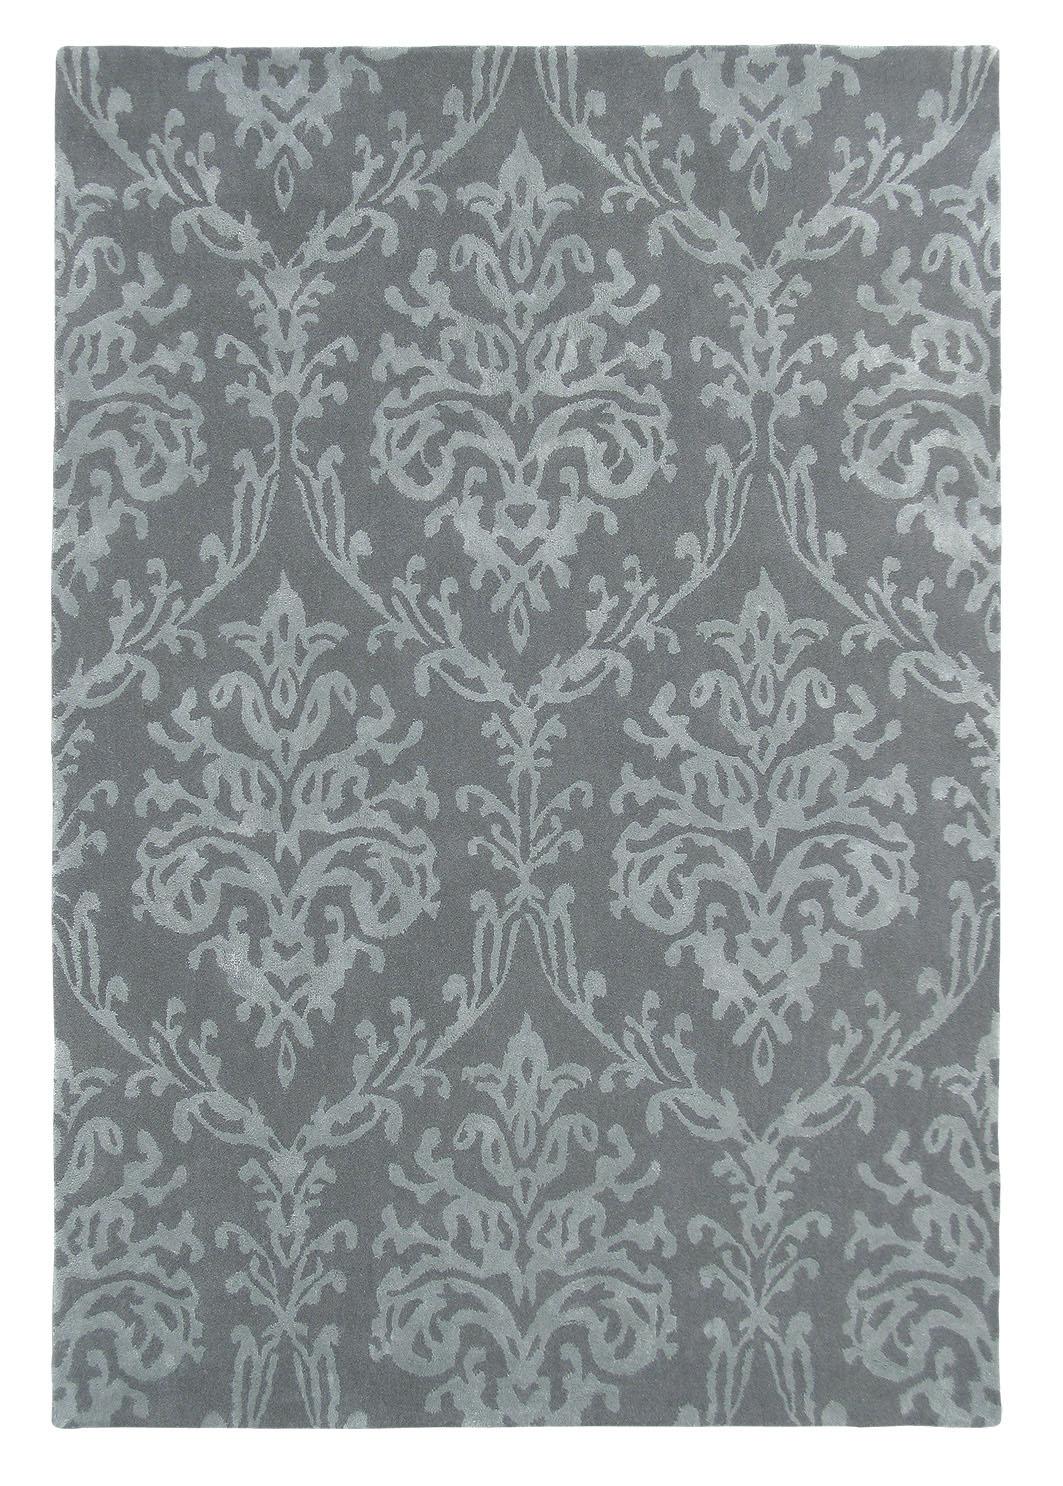 szary dywan w ornament Riverside Damask Pewter 46705